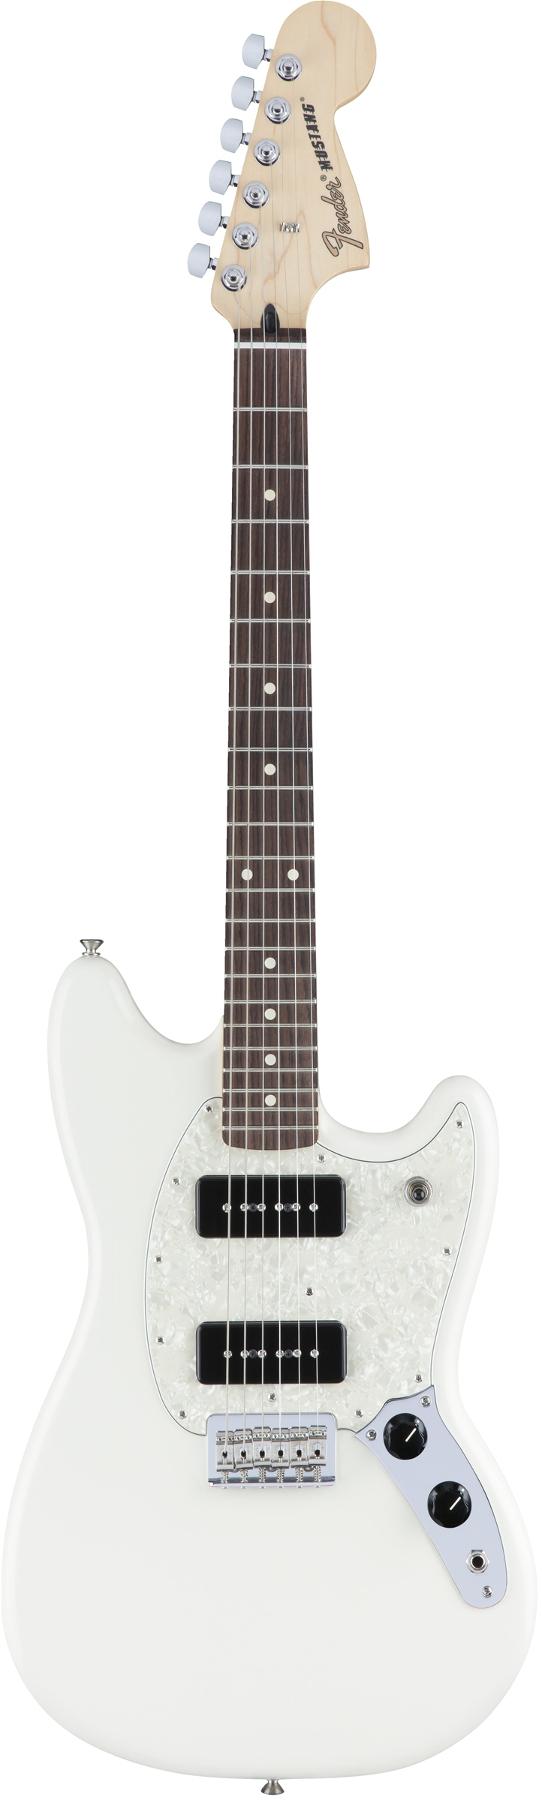 Electric Guitar, Rosewood